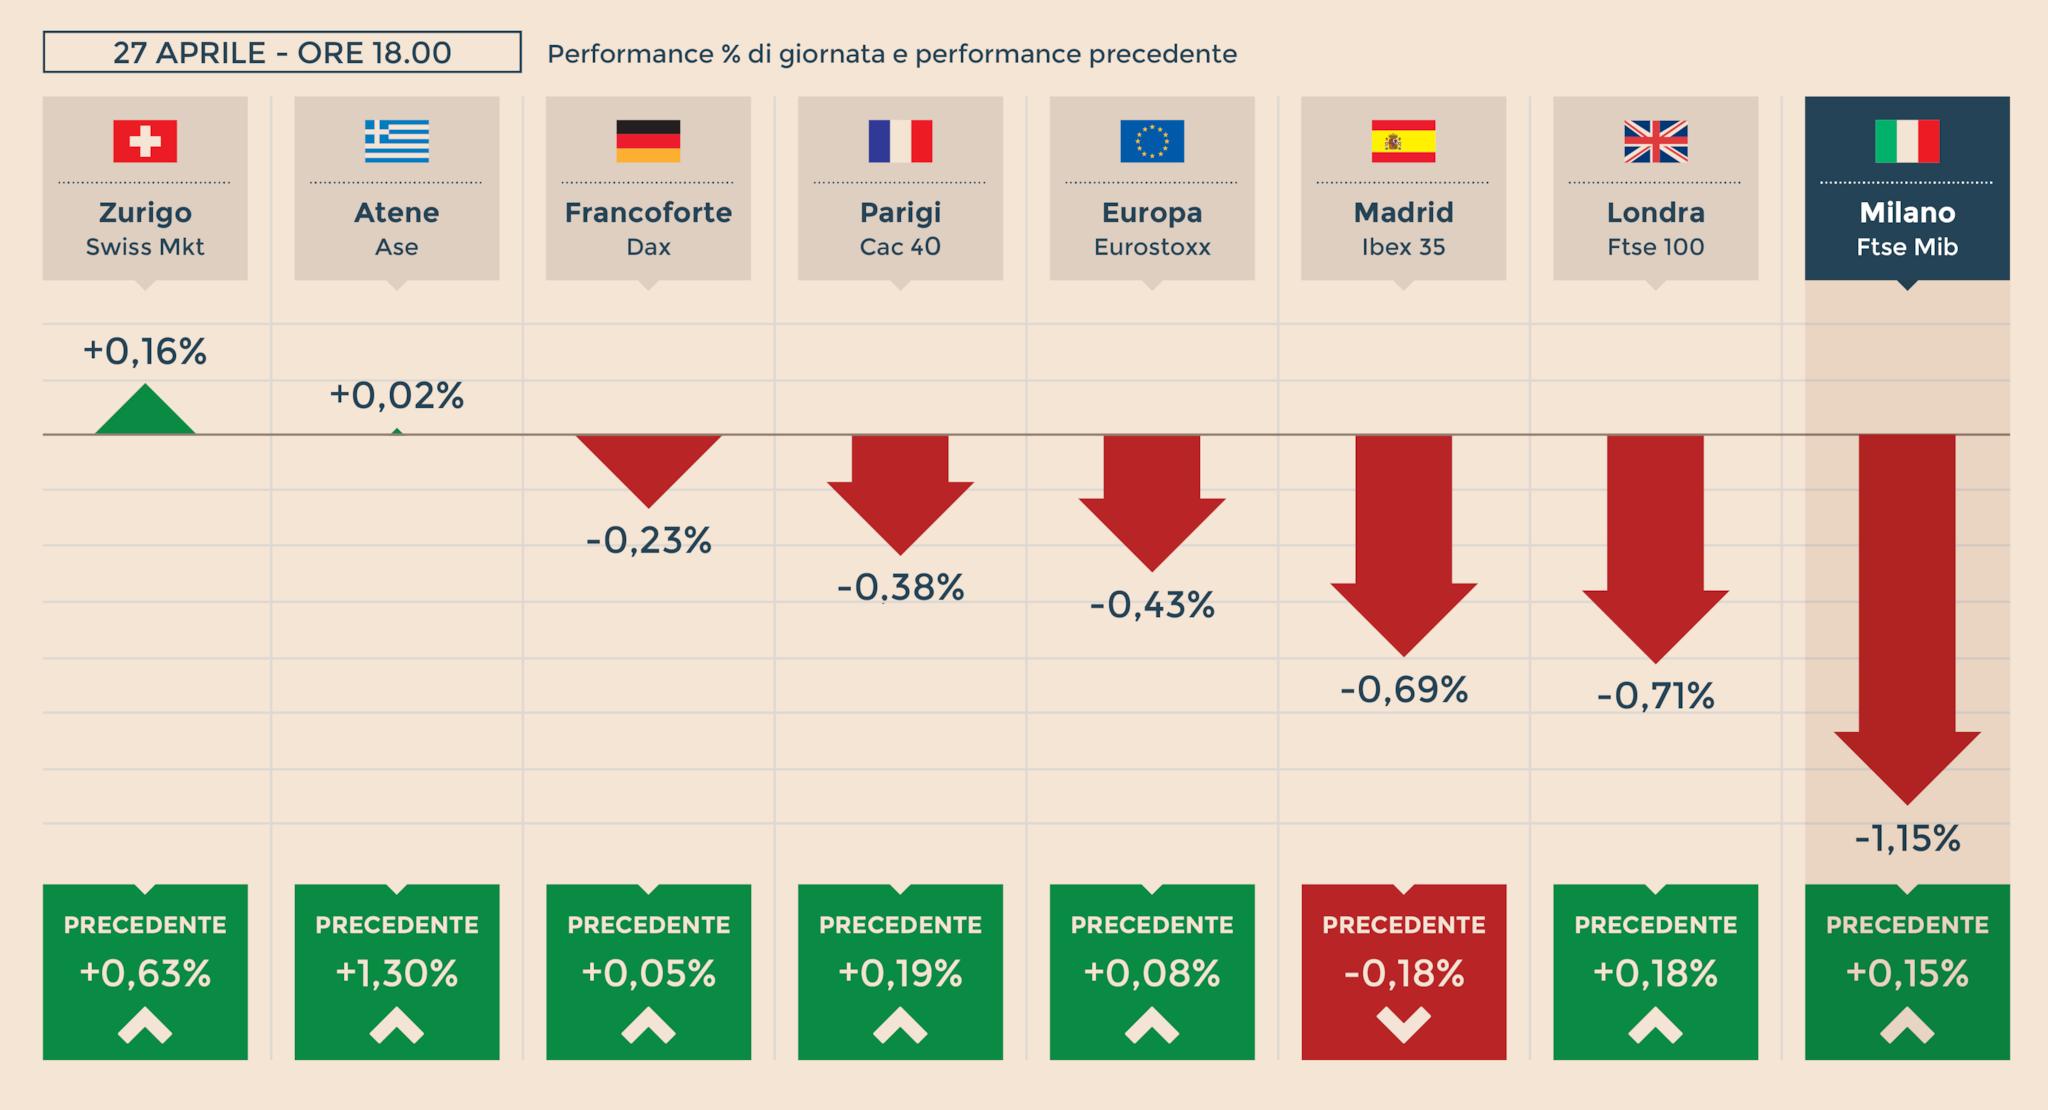 623e36abed Europa in stand-by prima di Trump e Bce. A Milano (+0,15%) corre il lusso